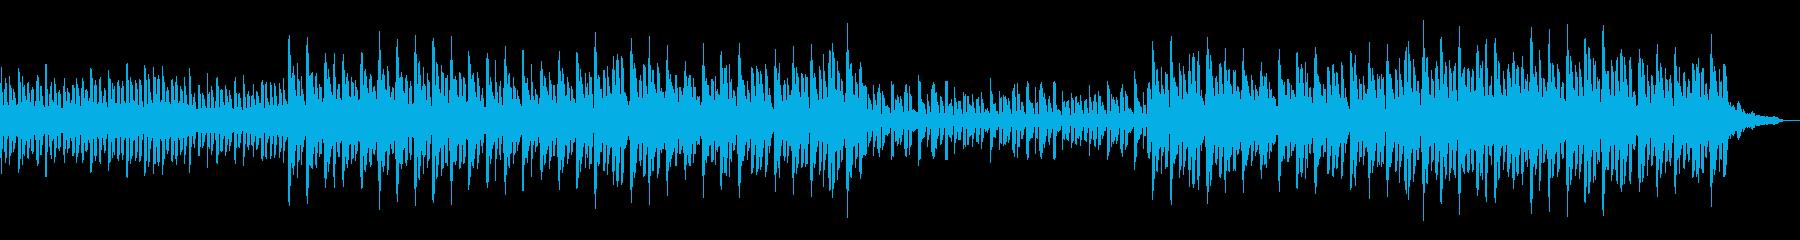 【60秒】かわいい感じのゆるやかテクノの再生済みの波形